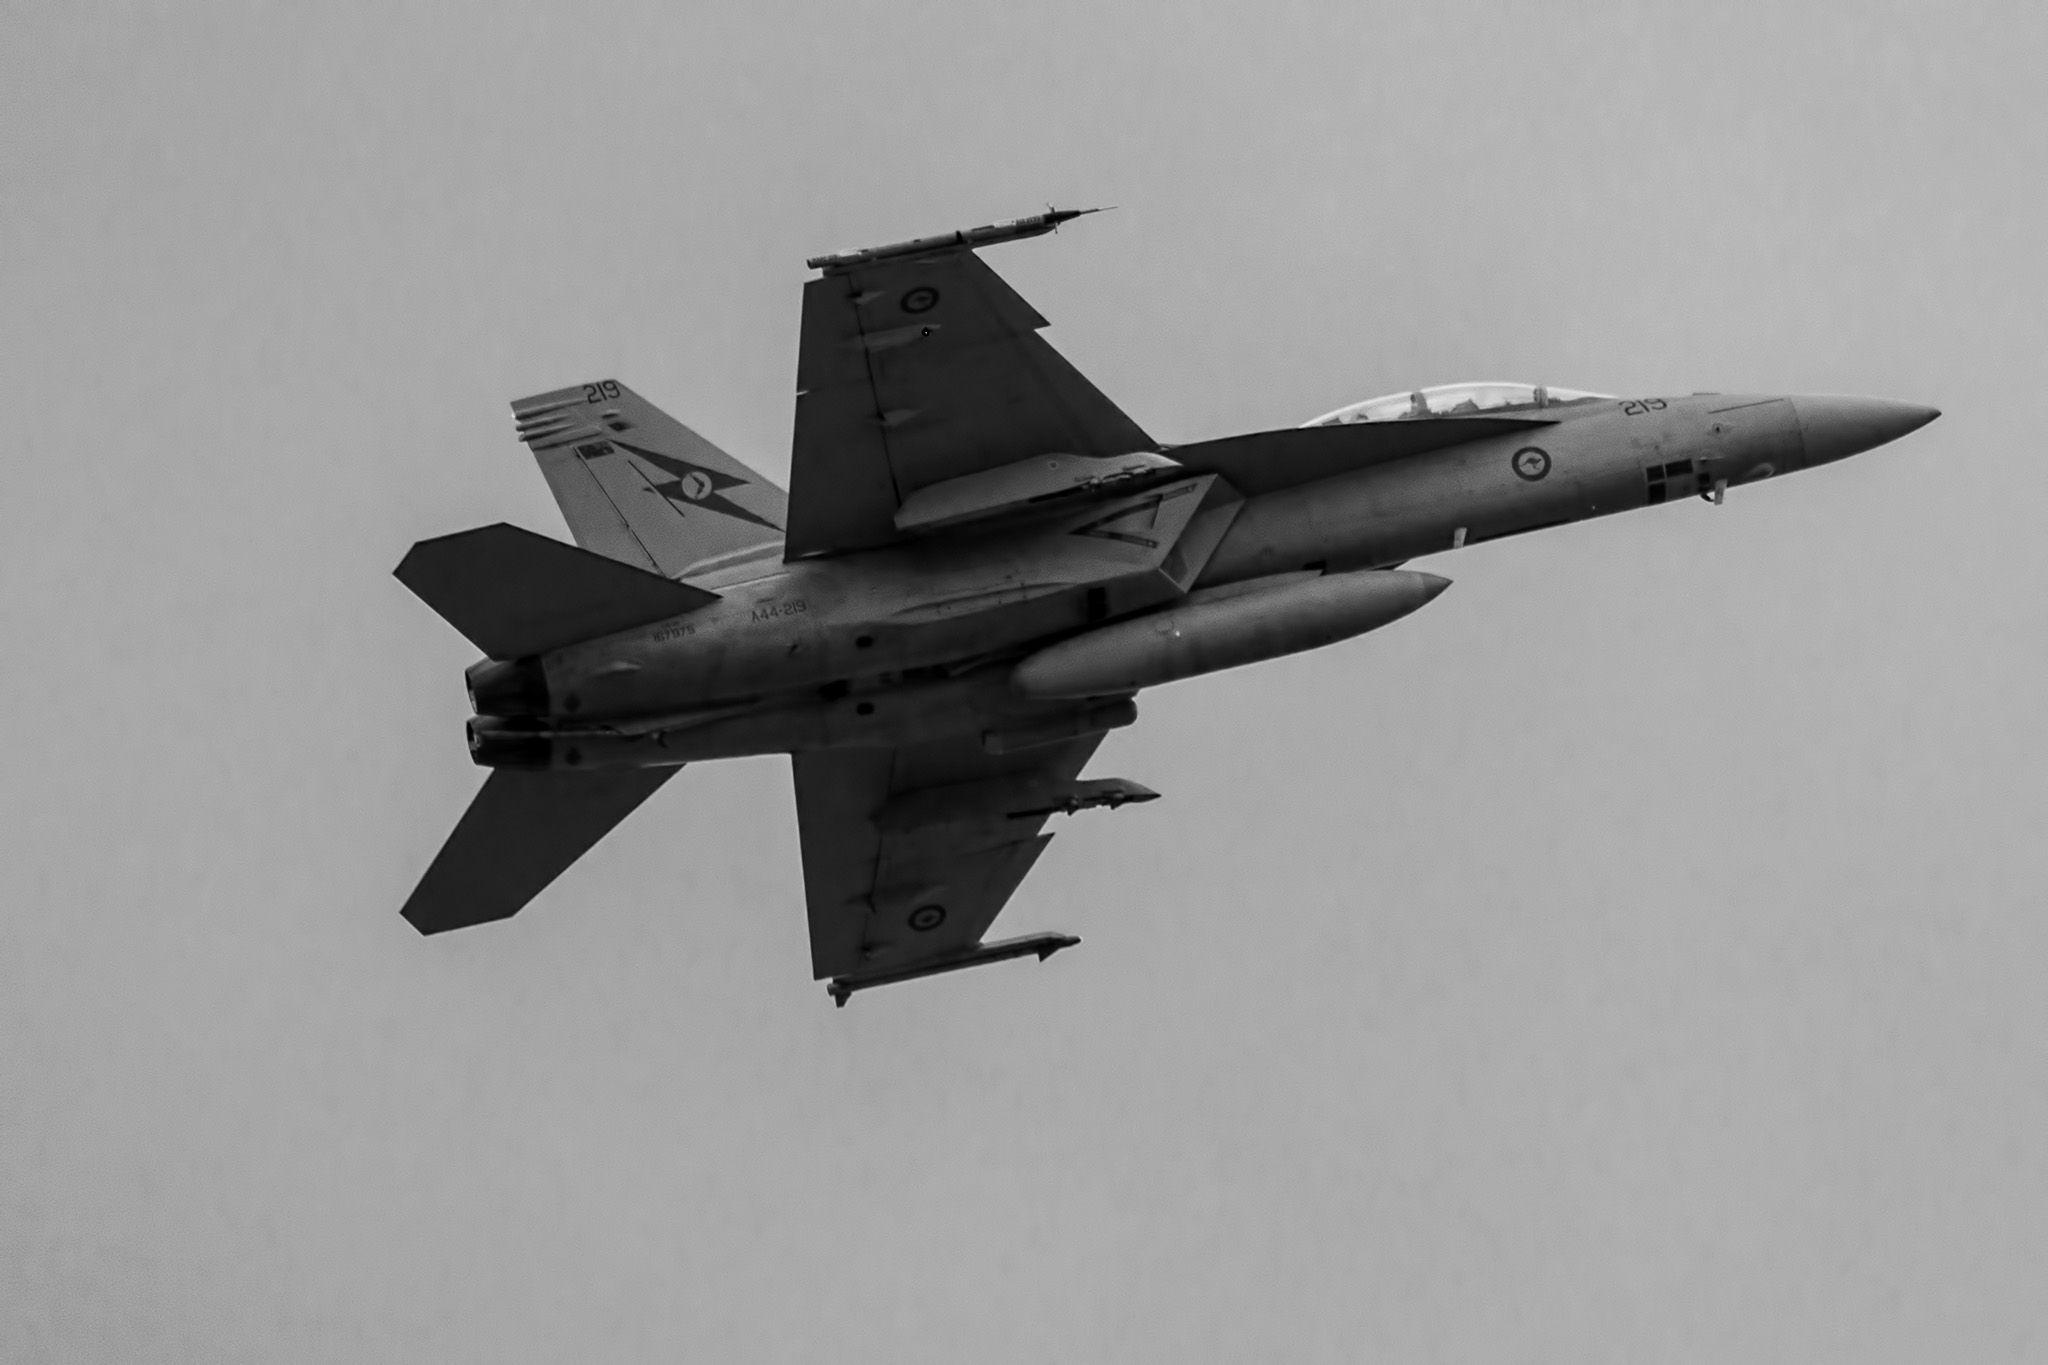 Super Hornet by Dchester1001